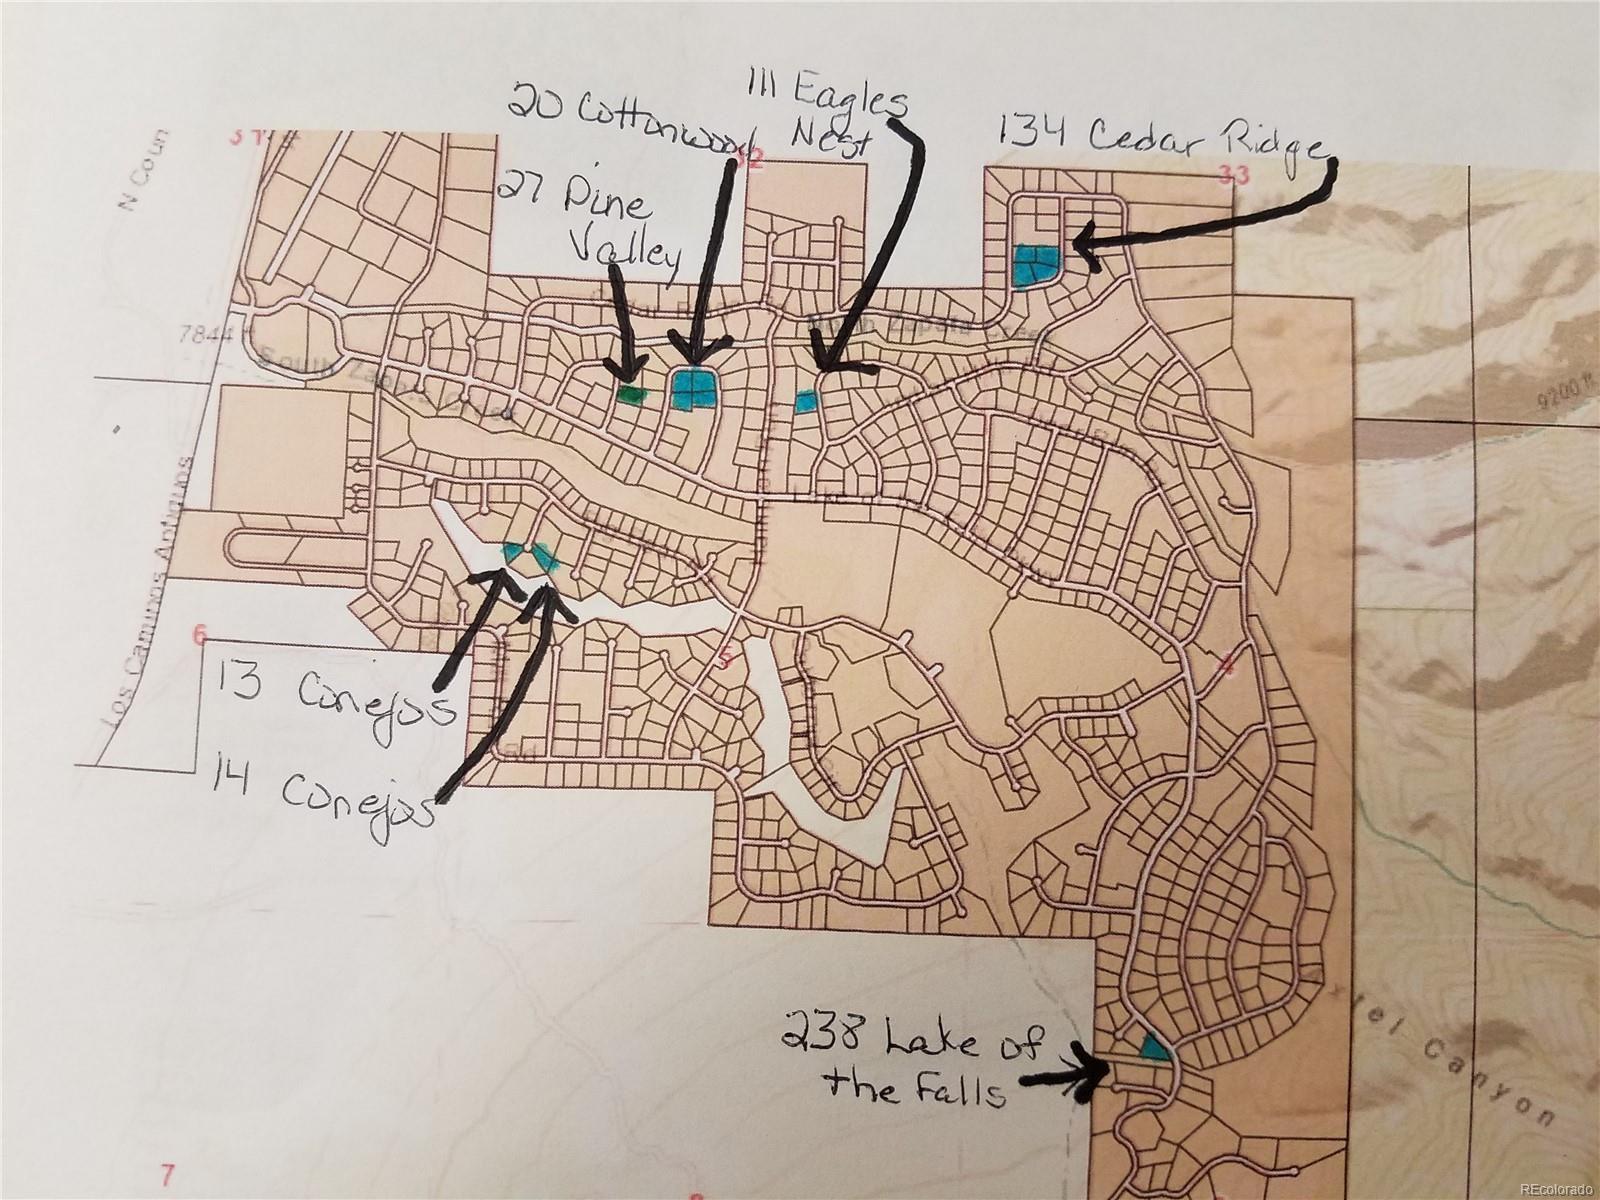 Mosca Colorado Map.13 Conejos Pl Mosca Co 81146 Lot Land Mls 2800755 Trulia